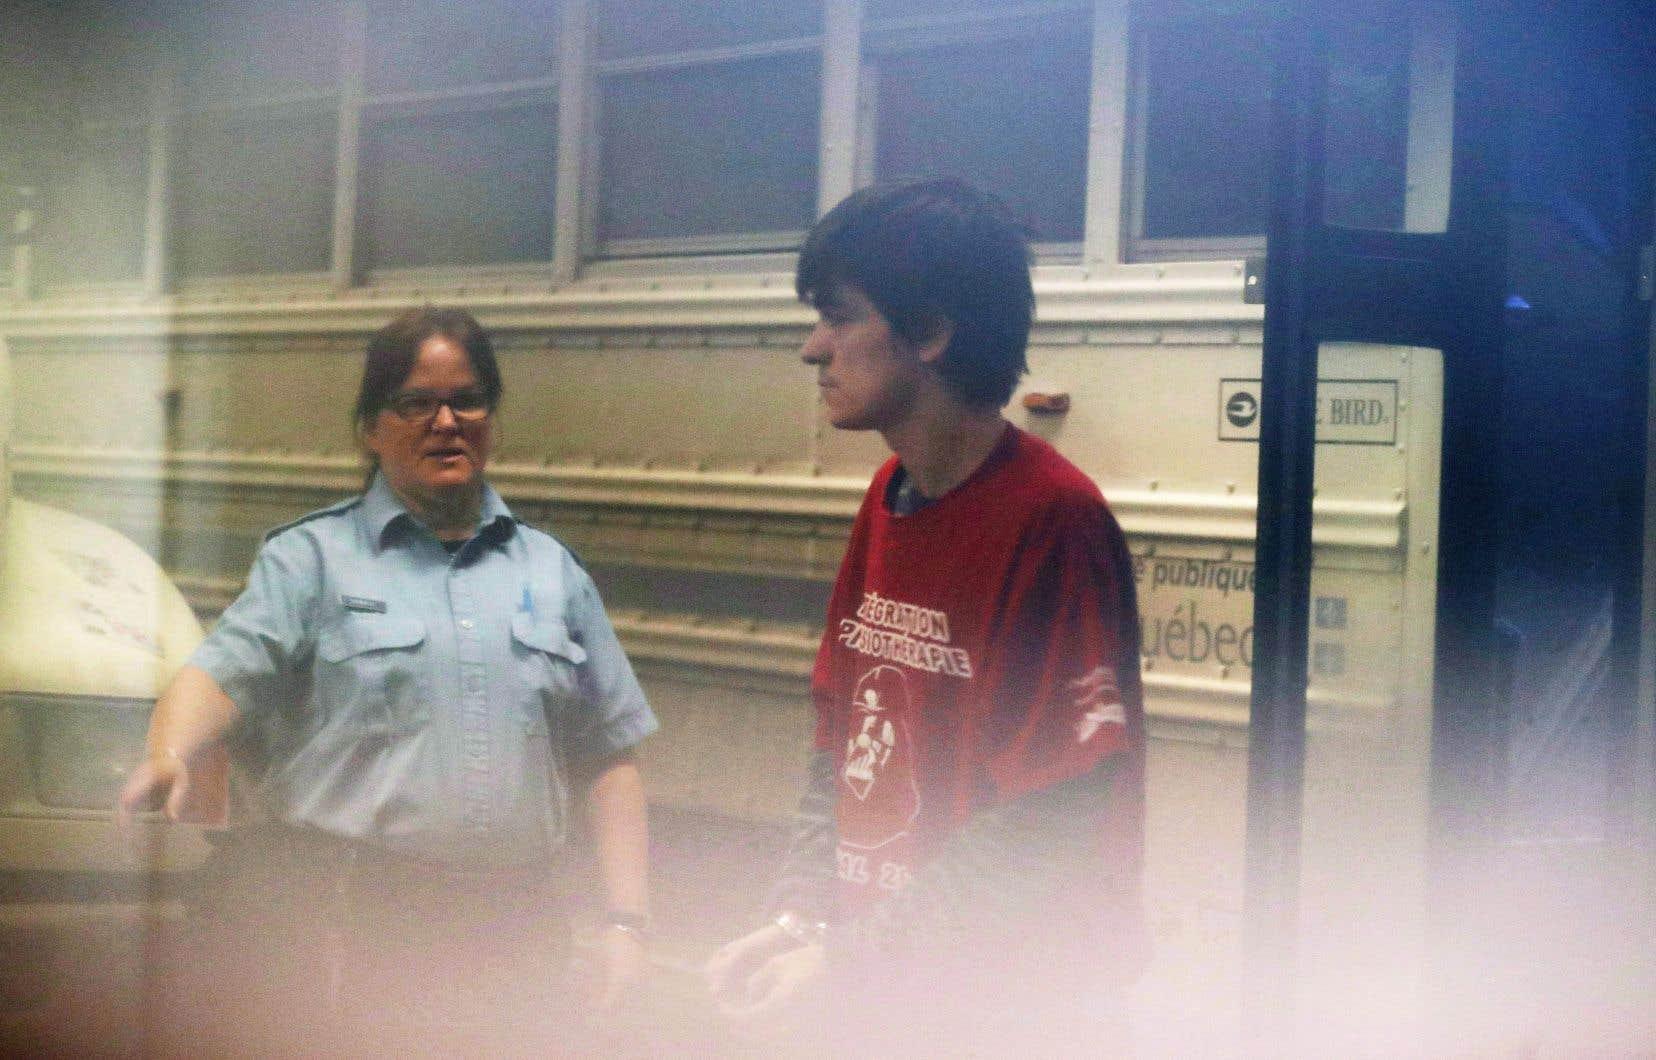 L'auteur présumé de l'attentat du 29 janvier 2017 s'est de nouveau retrouvé dans le box des accusés lundi matin.